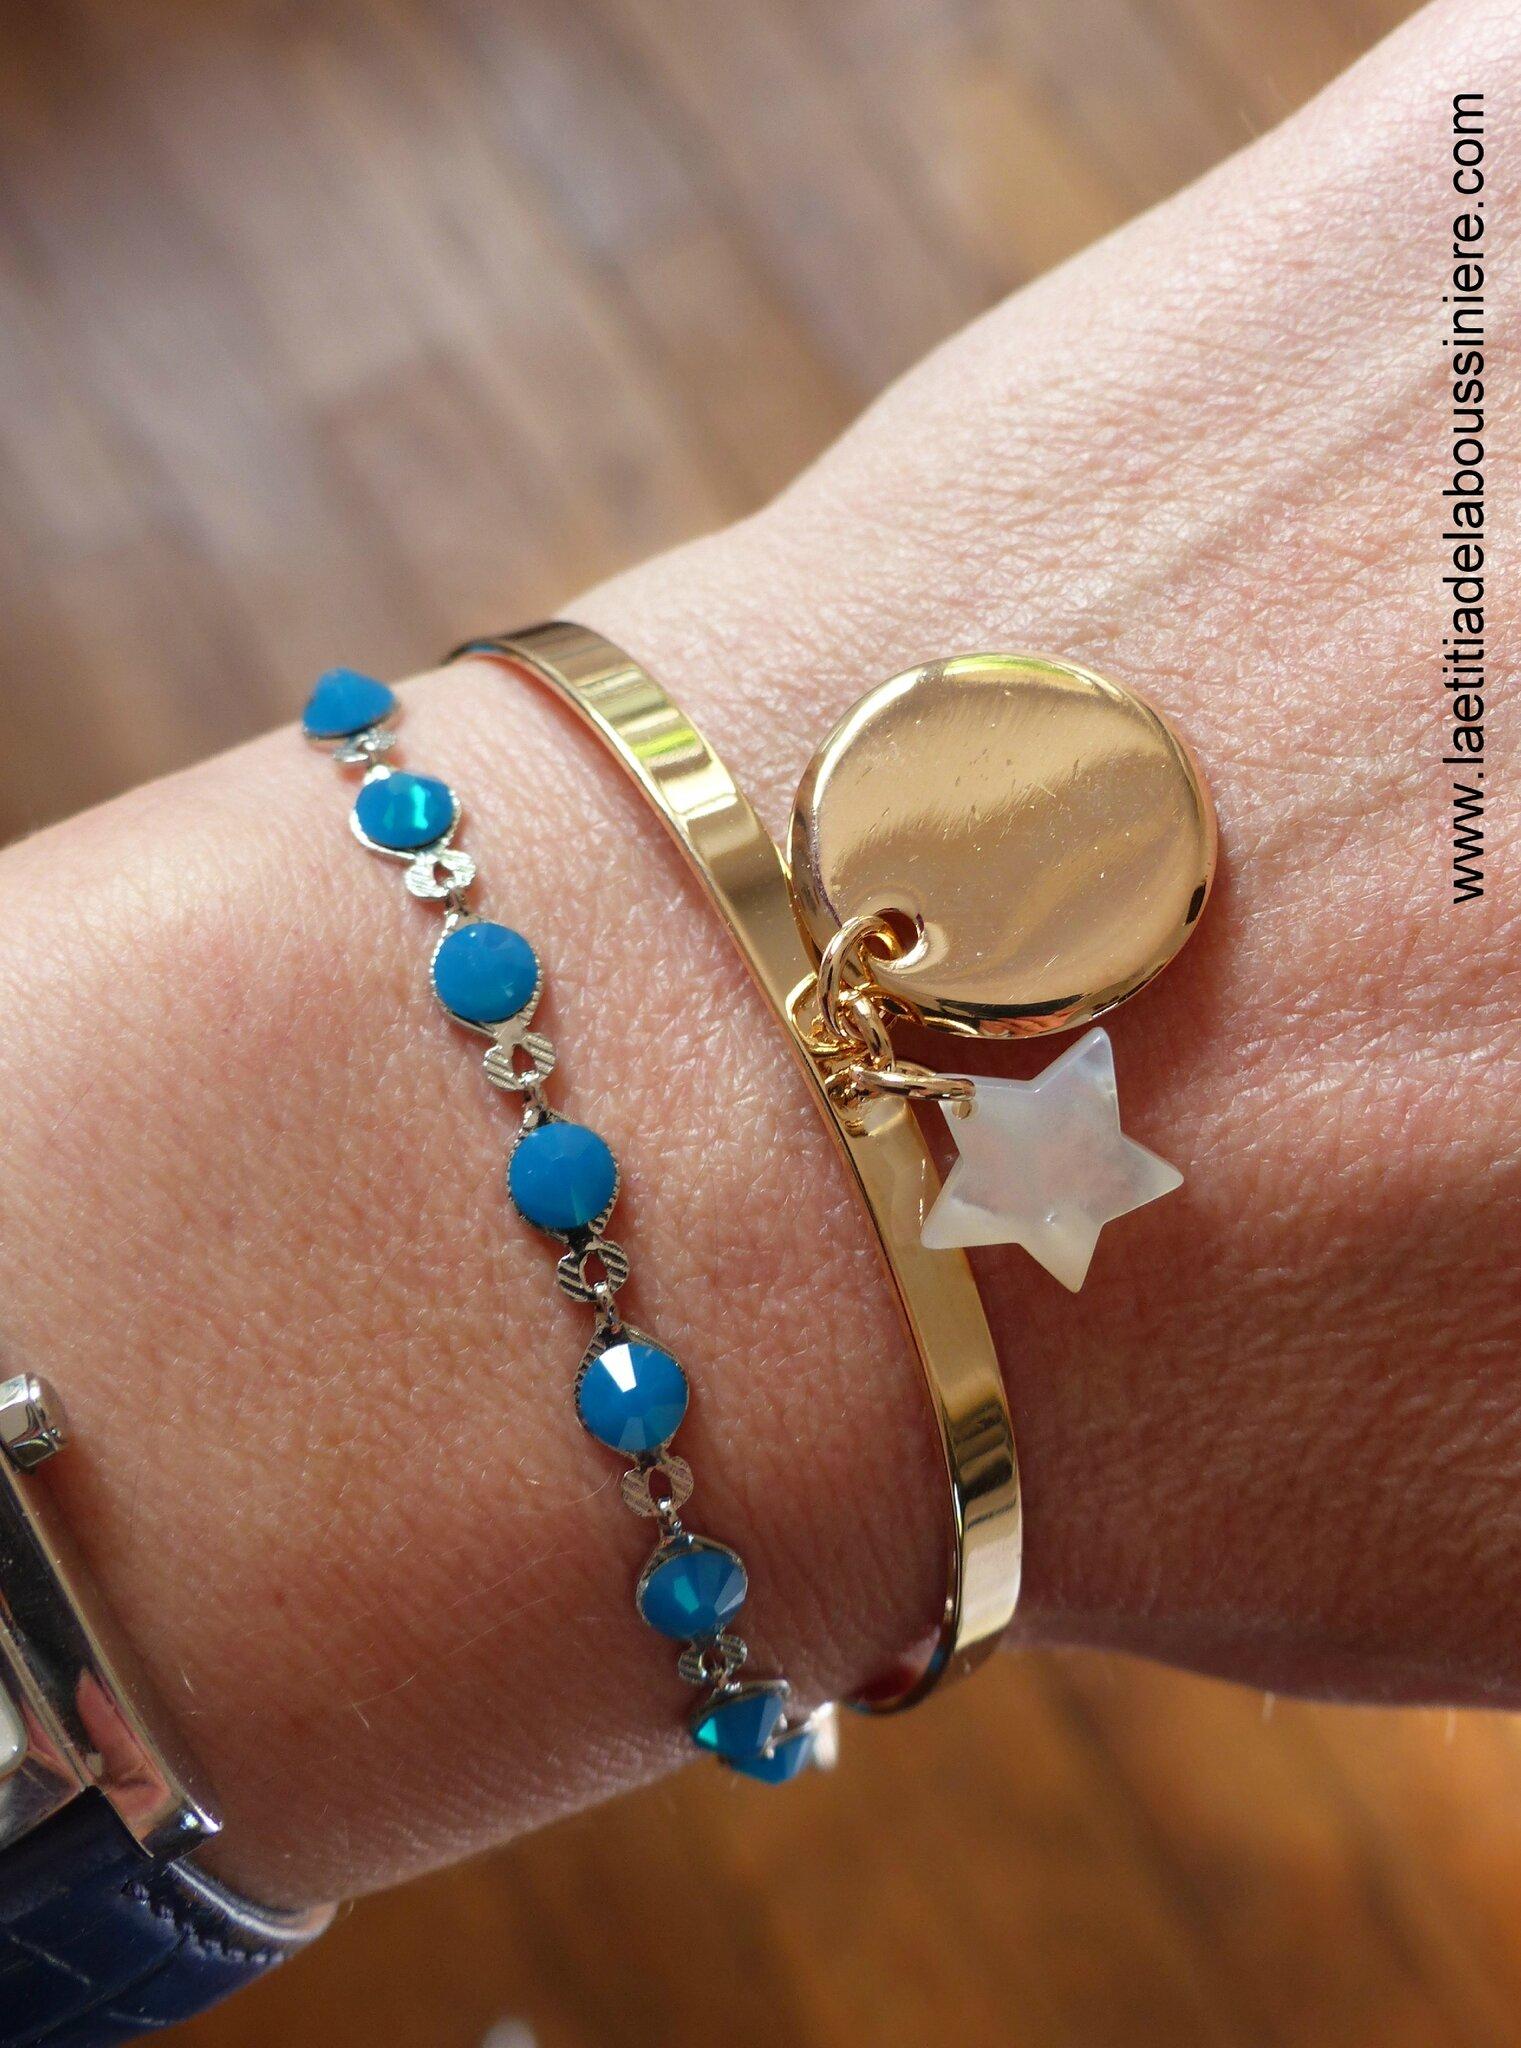 Demi jonc Love my children (médaille en plaqué or et étoile en nacre) et bracelet Kibrille bleu lagon portés - 69 € et 25 €